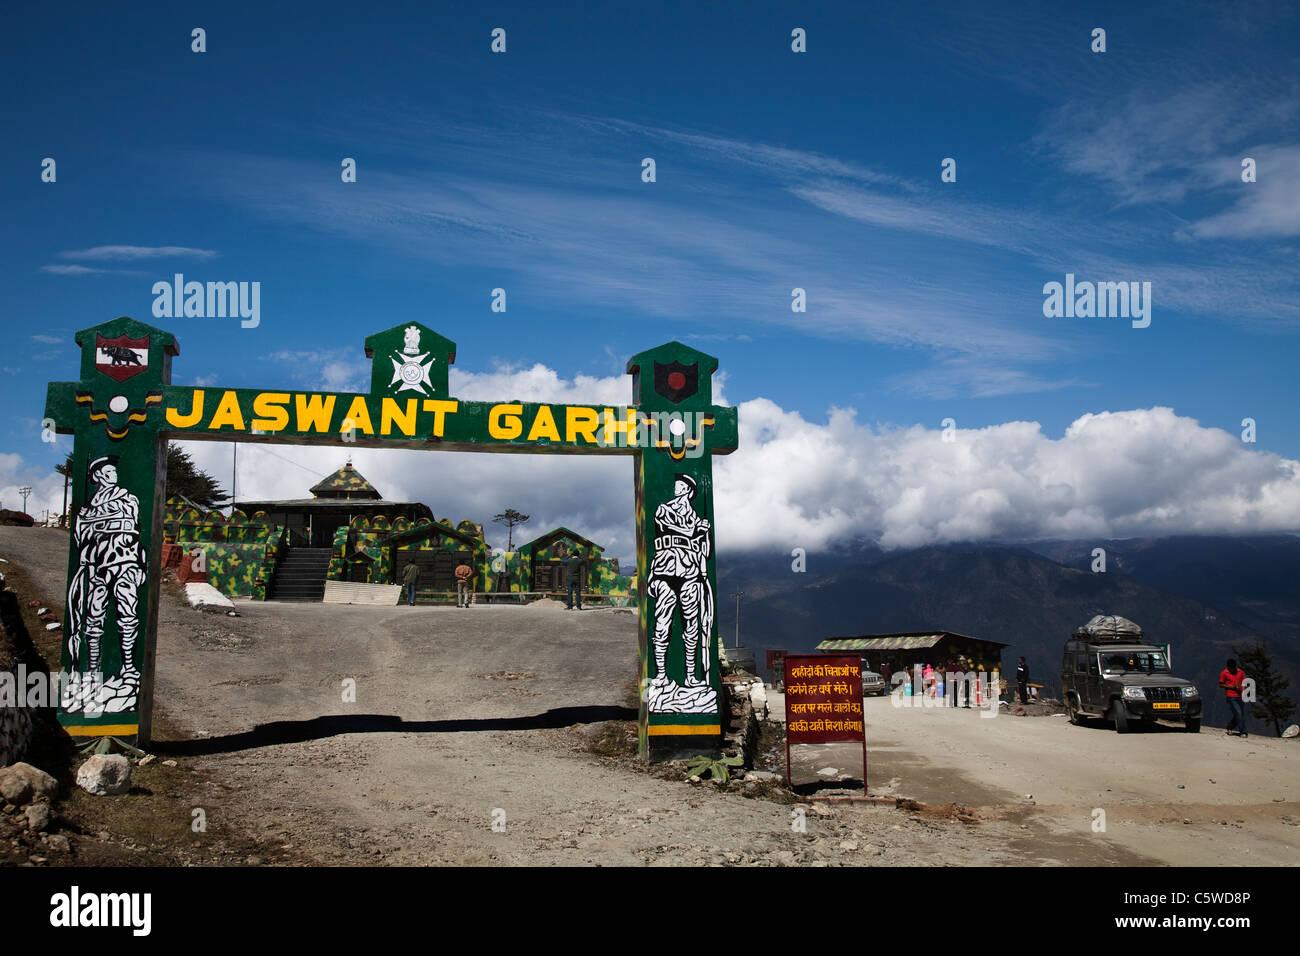 Jaswantgarh war memorial, Tawang, Arunchal Pradesh, India - Stock Image